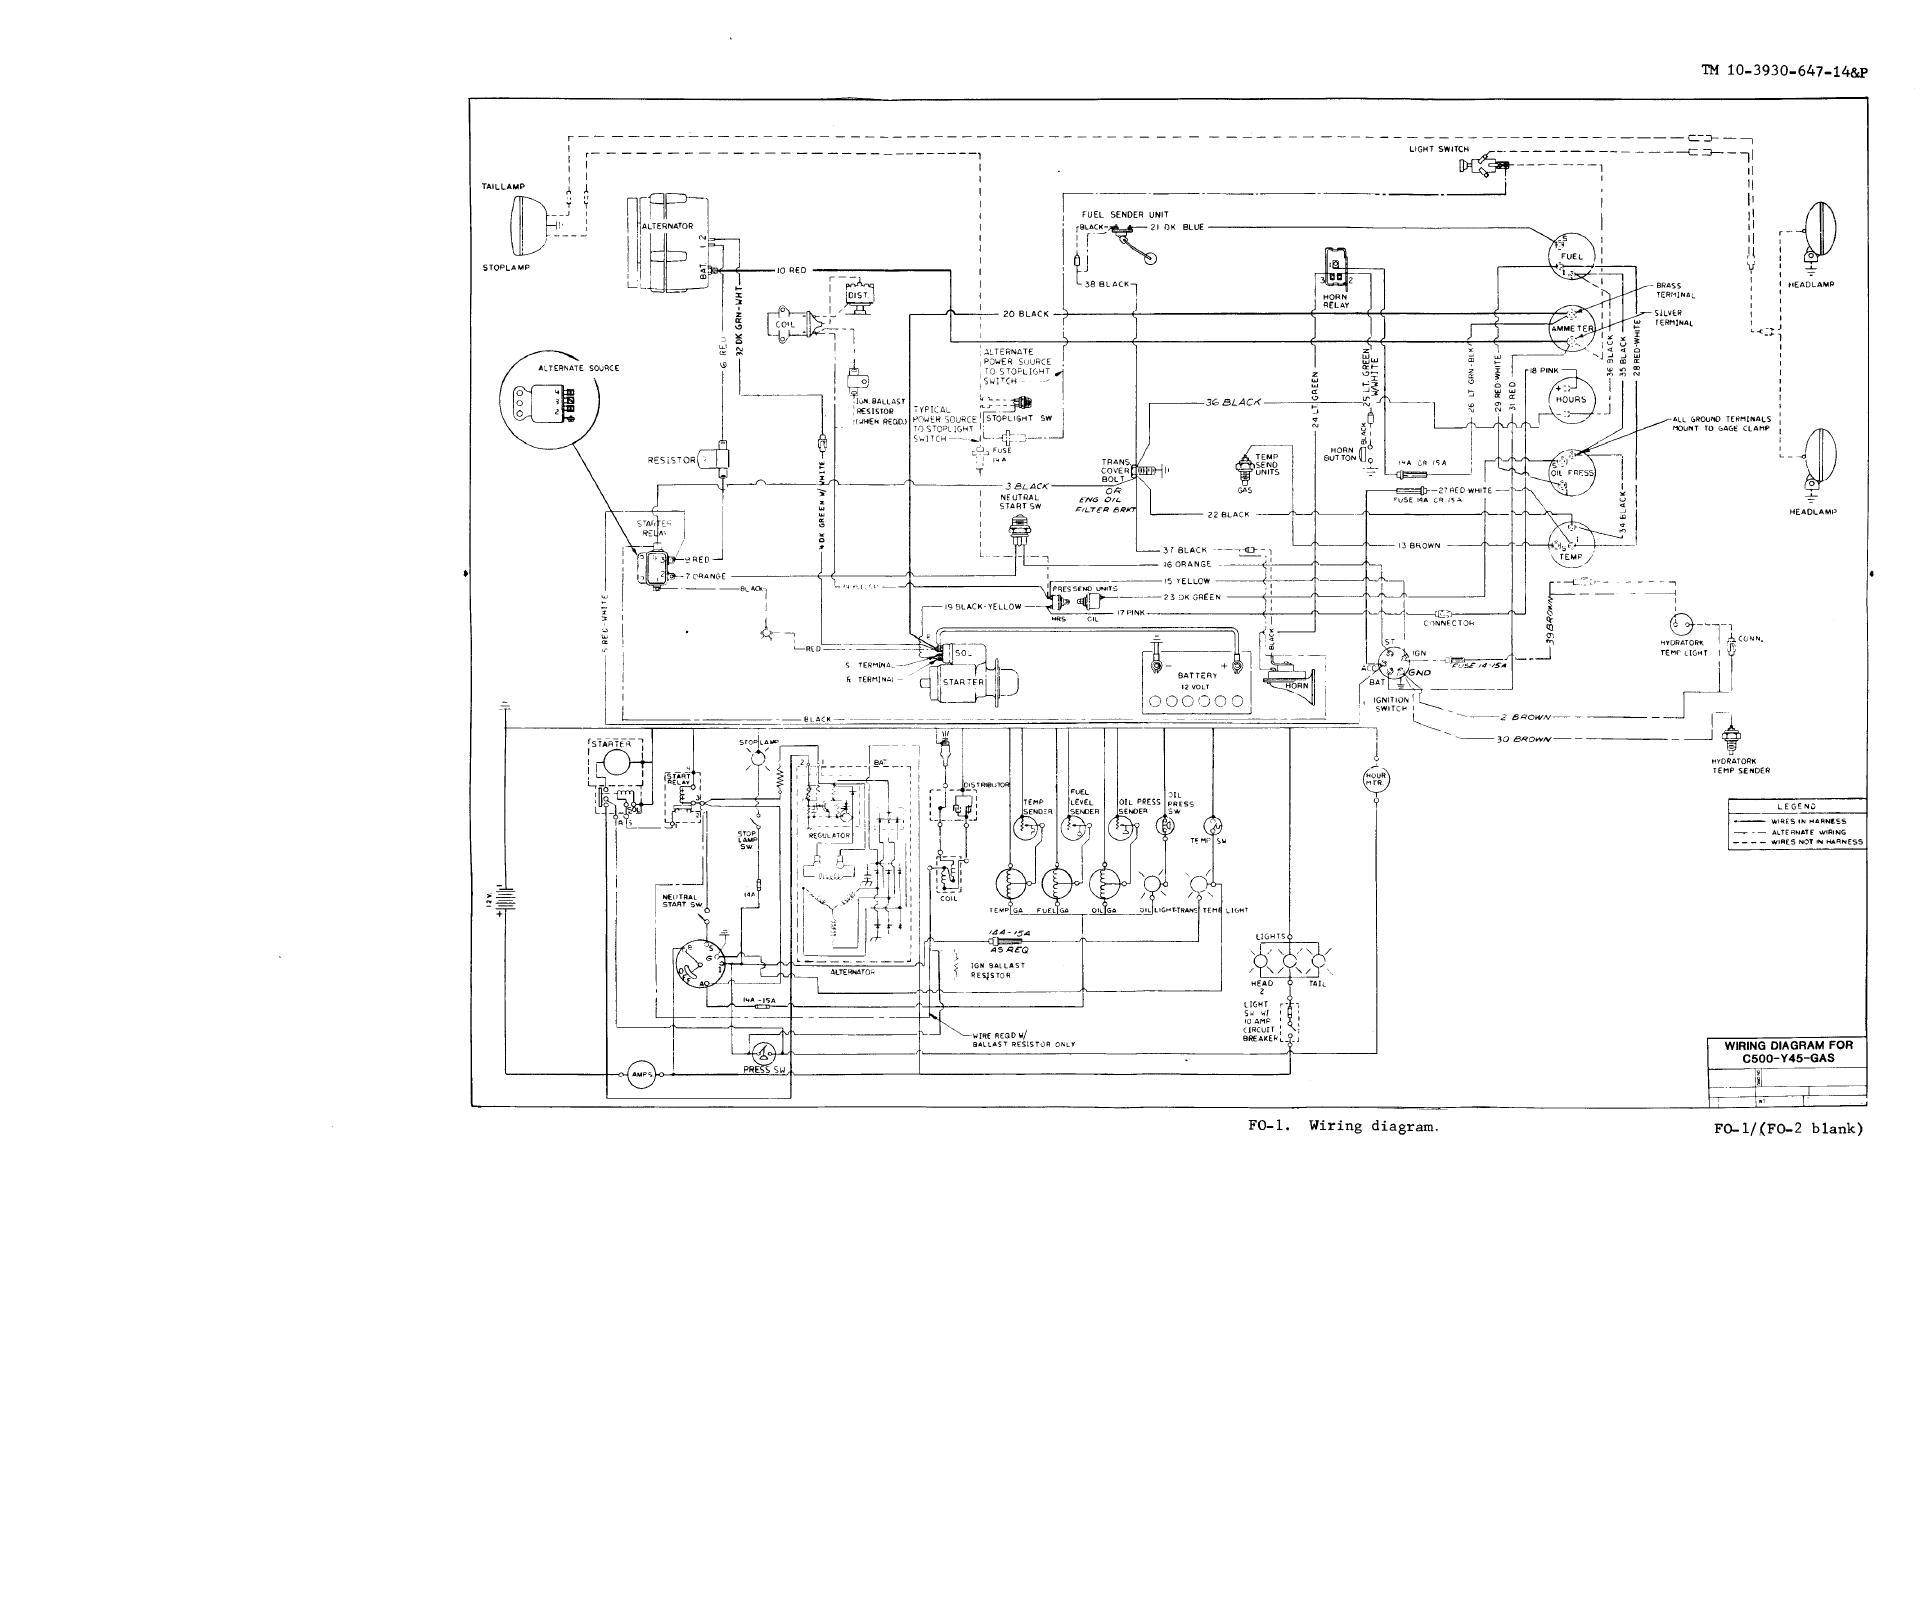 clark forklift c500 wiring diagram vw transporter t5 96 altima free engine image for user